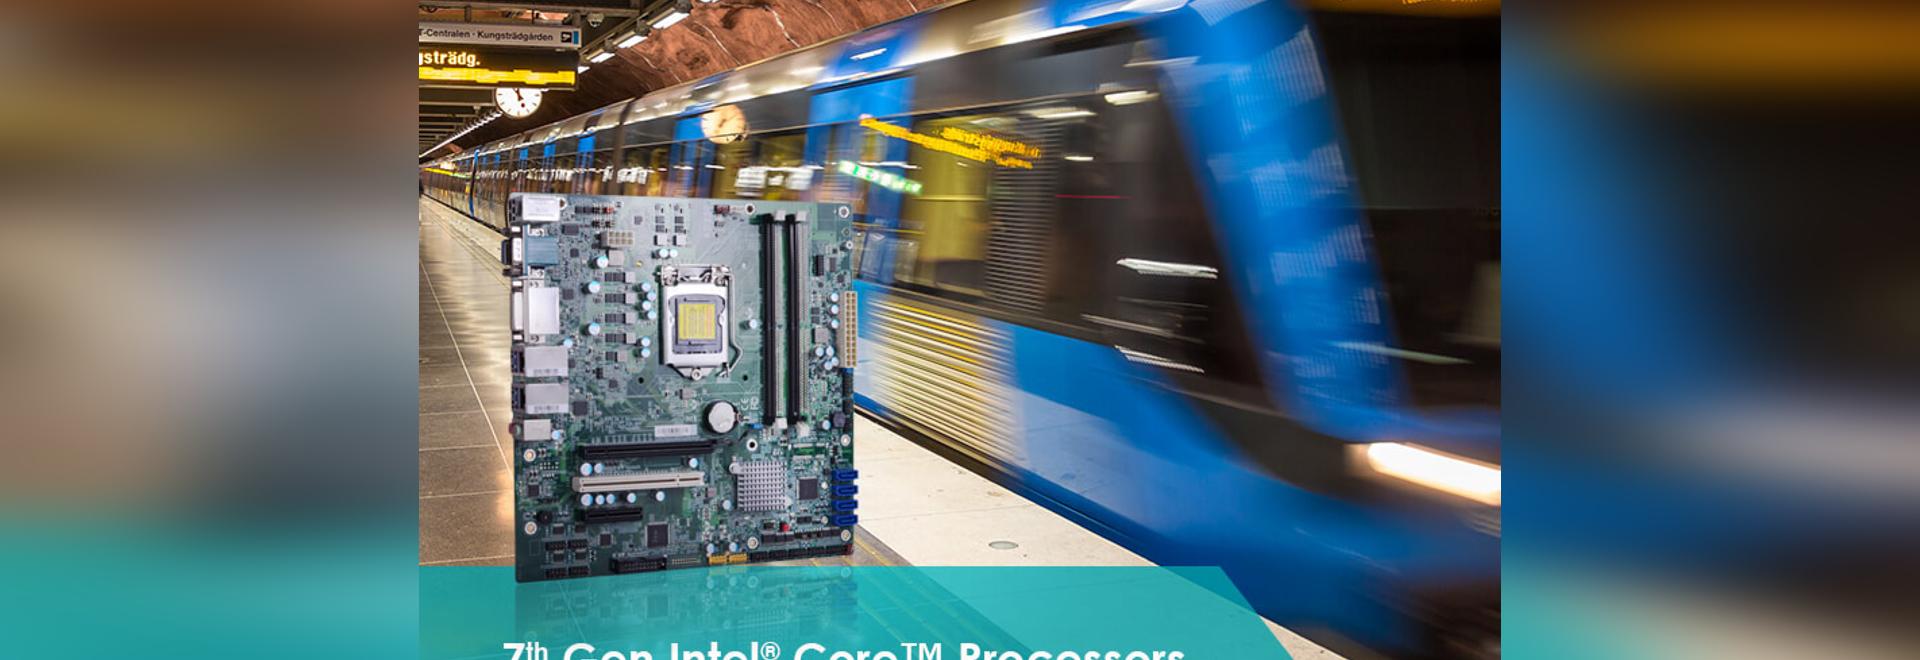 Voyons comment les cartes à base de processeur Intel® de 7e génération Core™ de la DFI mettent à niveau votre système embarqué